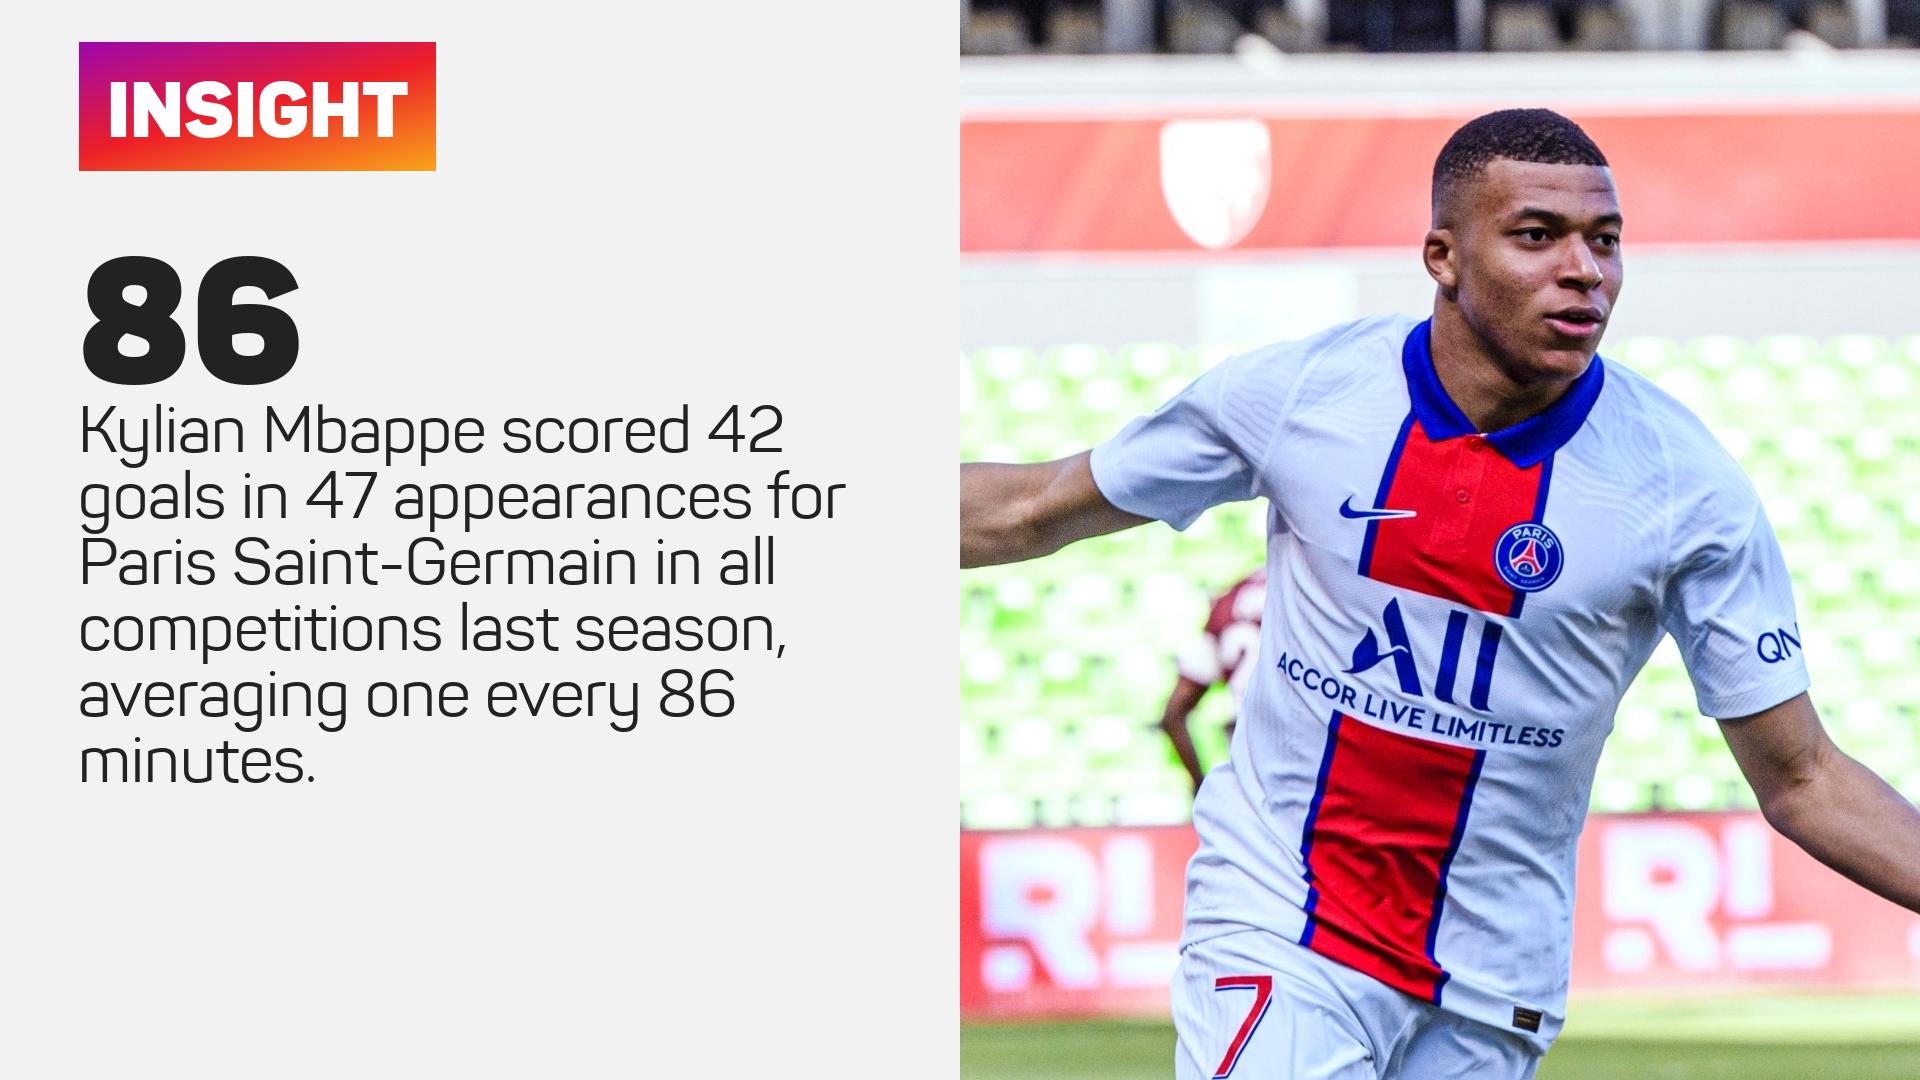 Kylian Mbappe for PSG